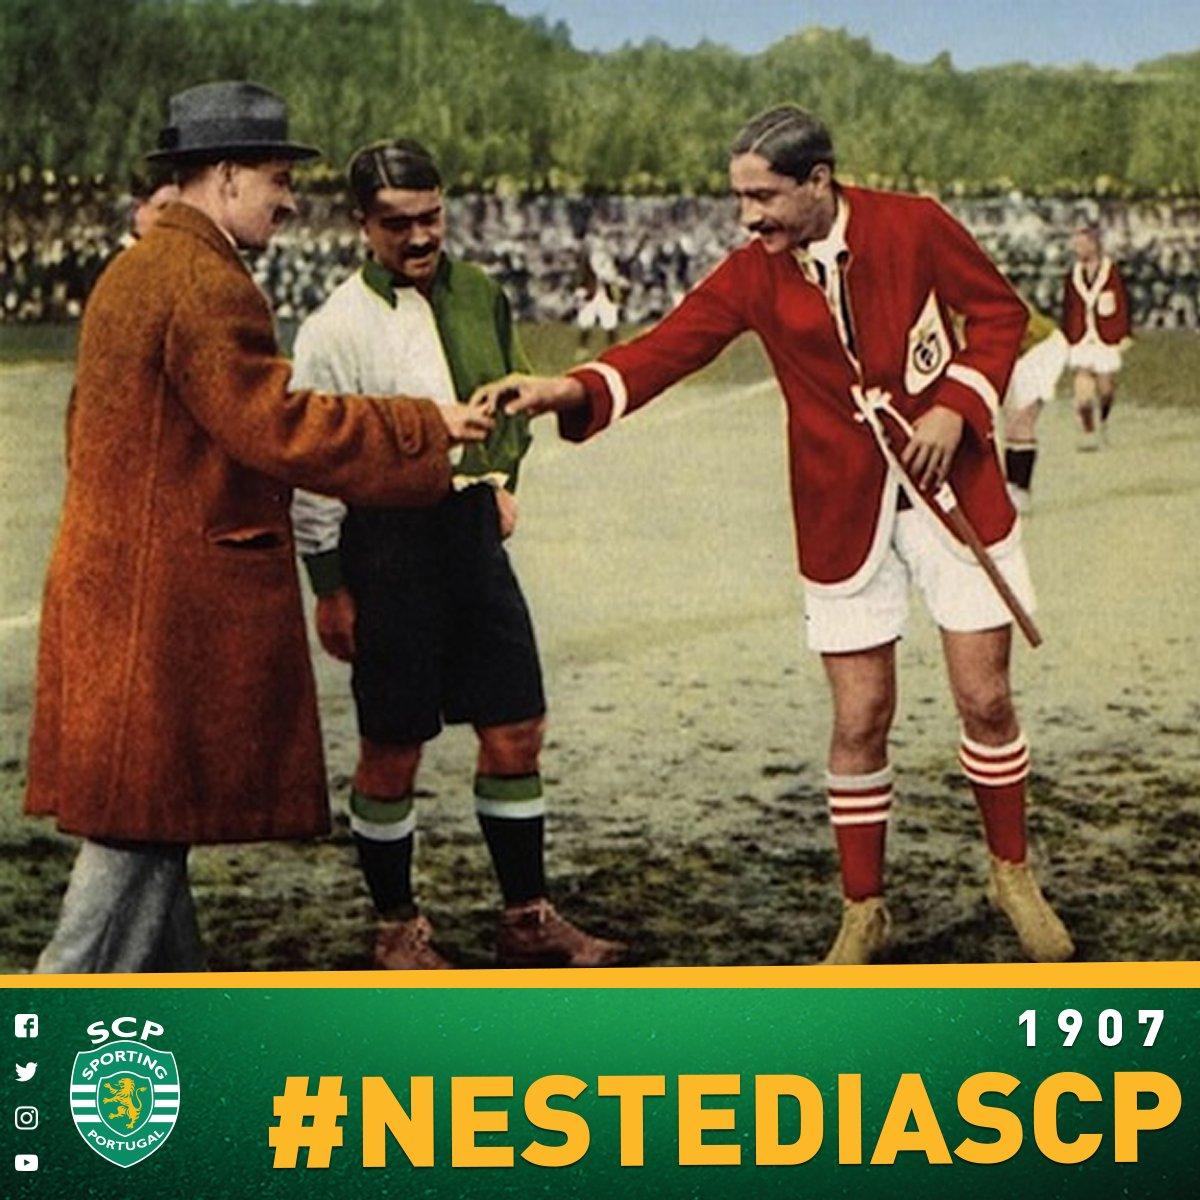 01 de Dezembro 1907: O #SportingCP joga o primeiro derby frente ao Sport Lisboa, clube que está na posterior origem do SL Benfica, e vence por 2-1. Os golos do Sporting CP foram apontados por Cândido e Cosme Damião (auto-golo). #NesteDiaSCP